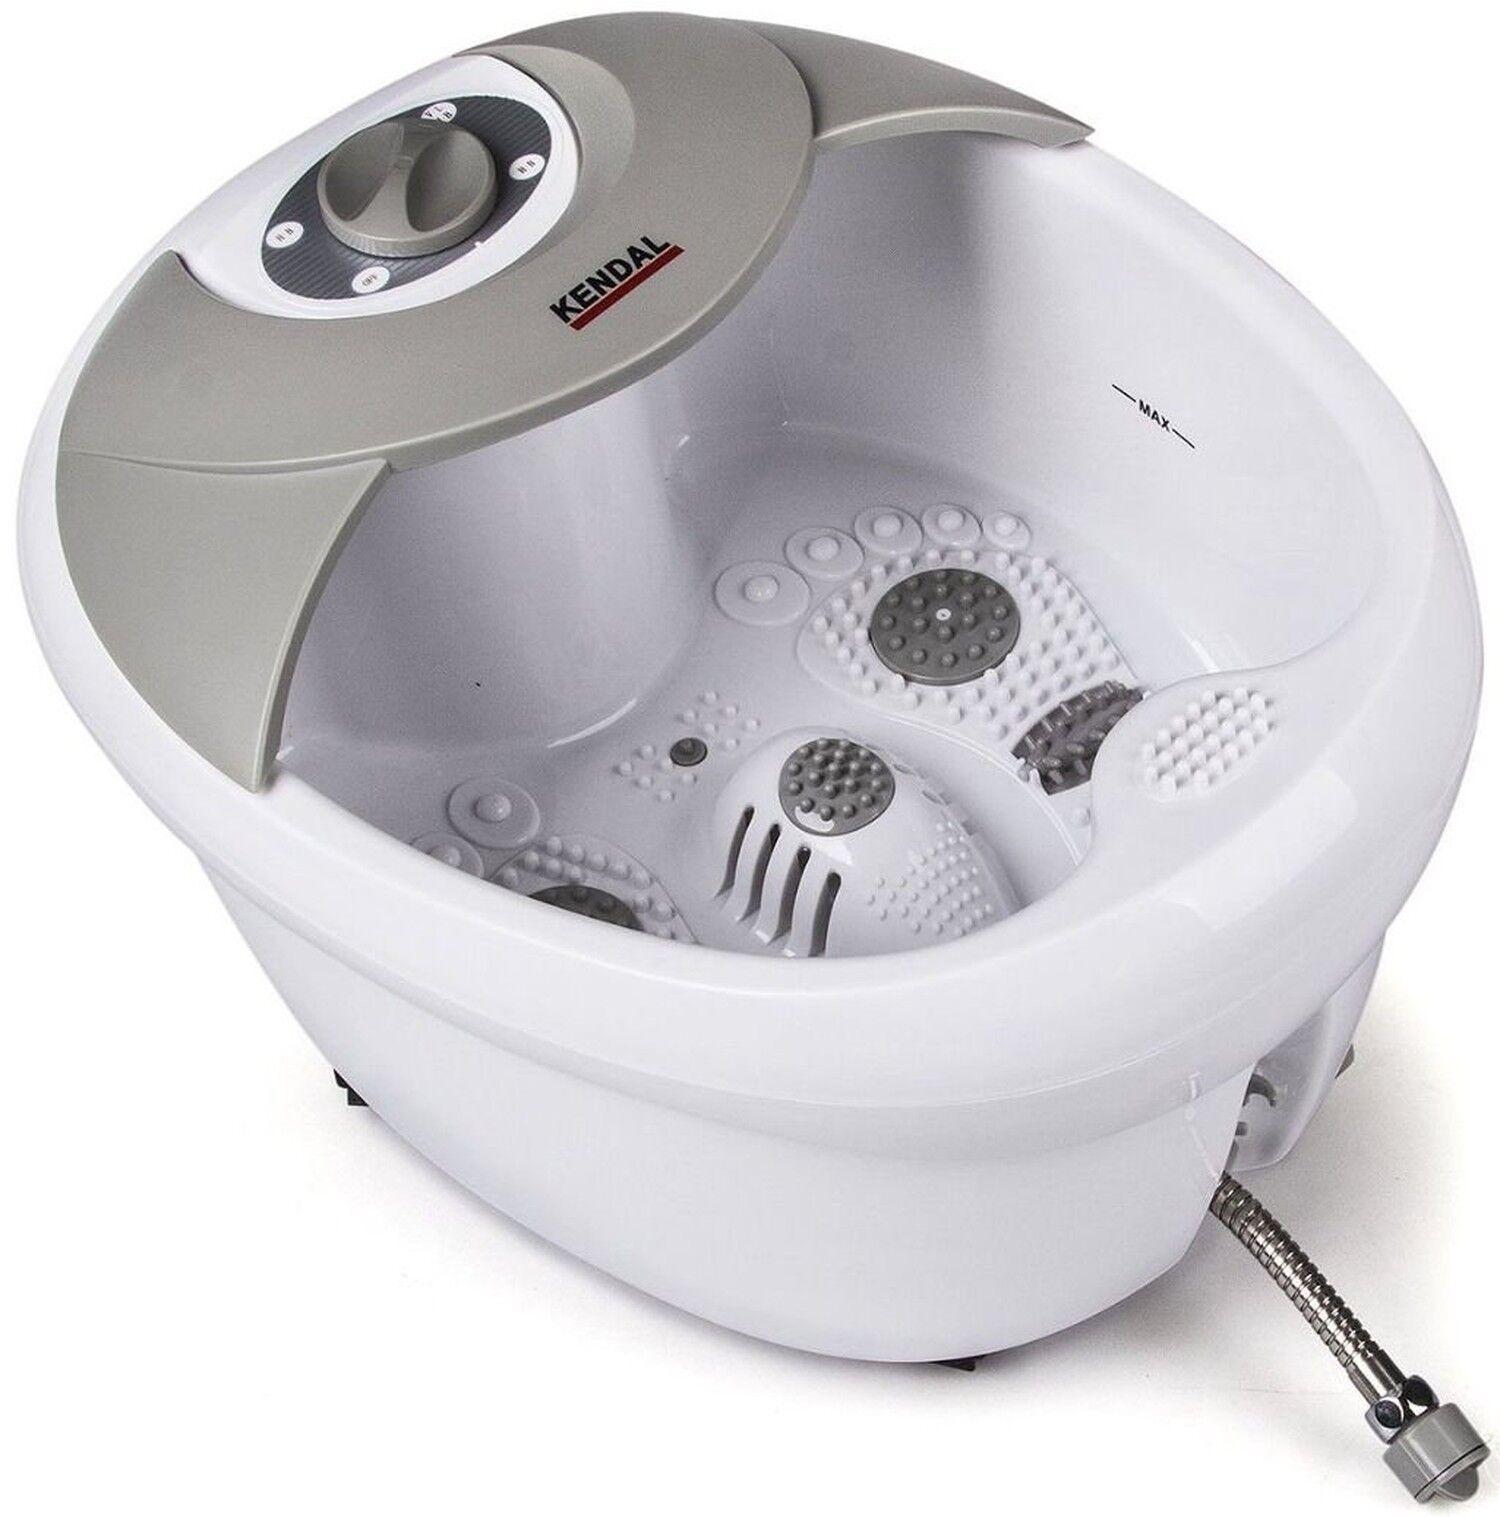 Foot Spa Bath Massager Heat Vibration Infrared Feet Massa...